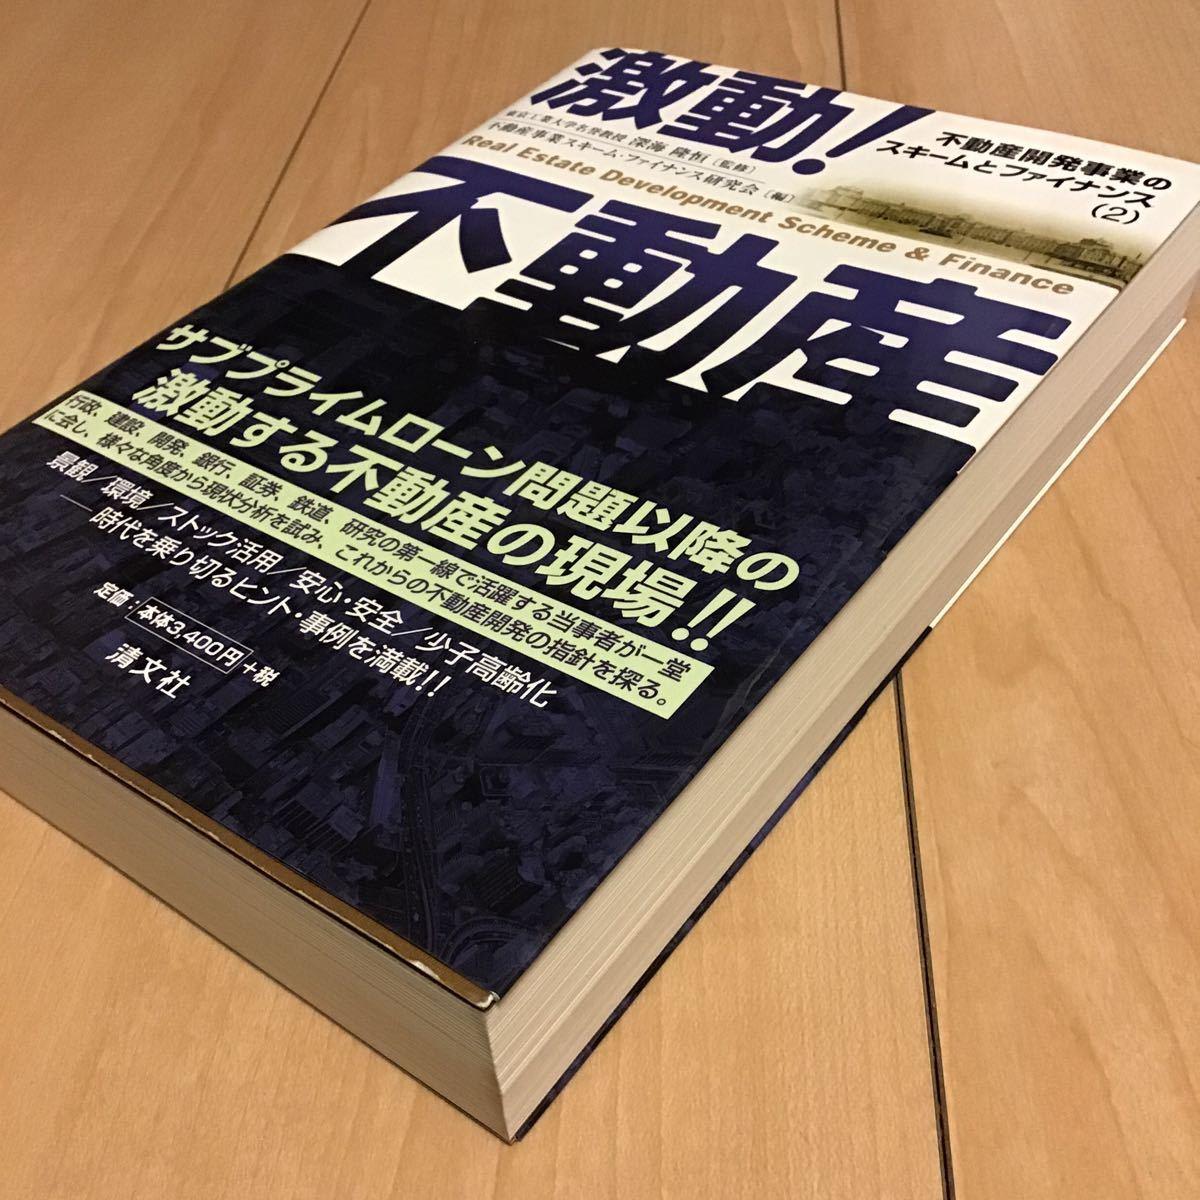 激動! 不動産 不動産開発事業のスキームとファイナンス(2) 清文社 2009年7月 初版発行_画像5